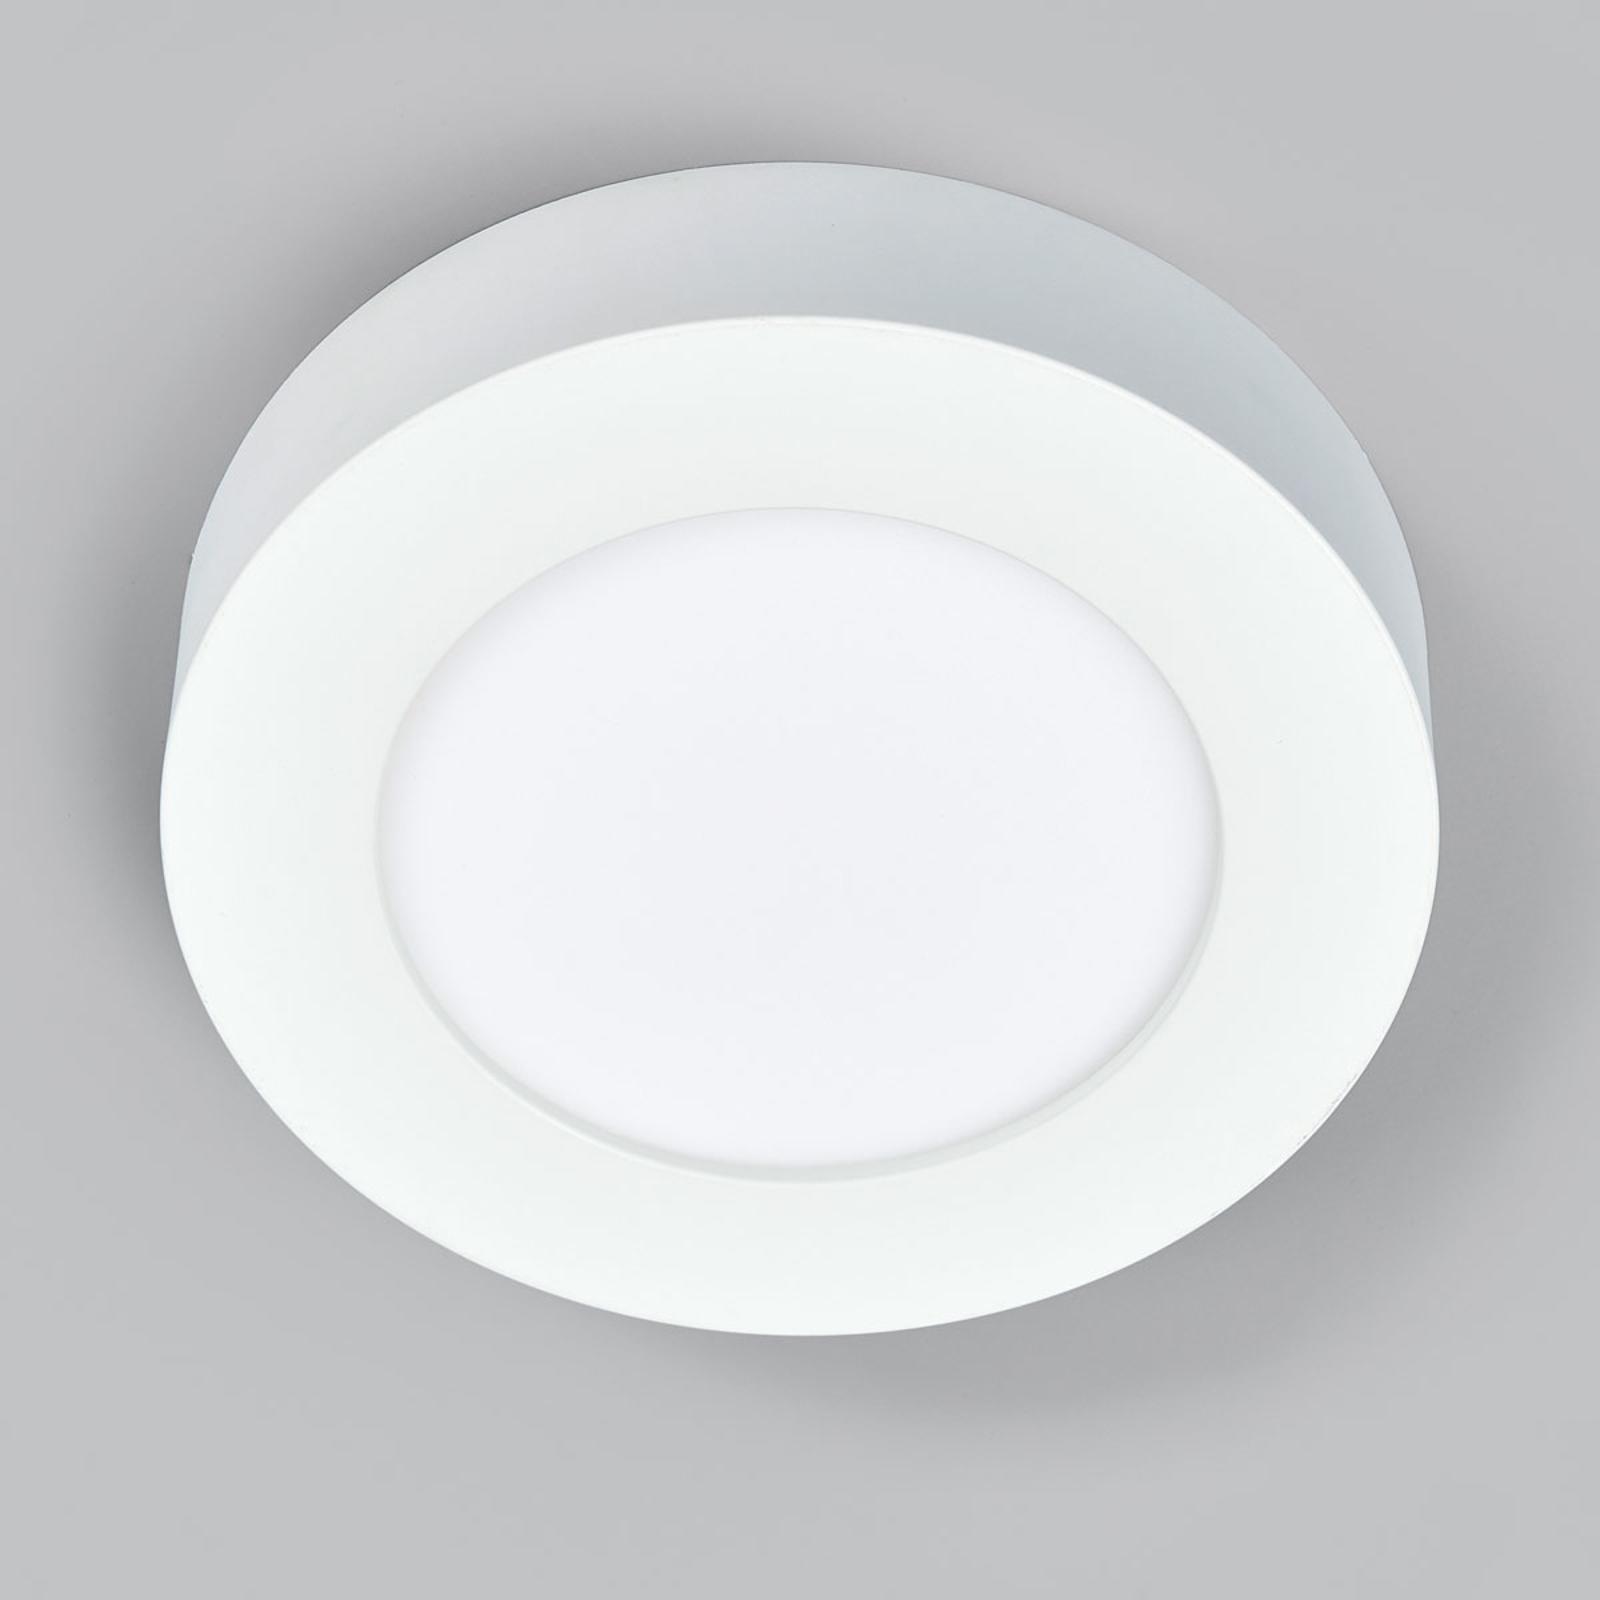 LED stropní svítidlo Marlo 4000K kulaté 18,2cm